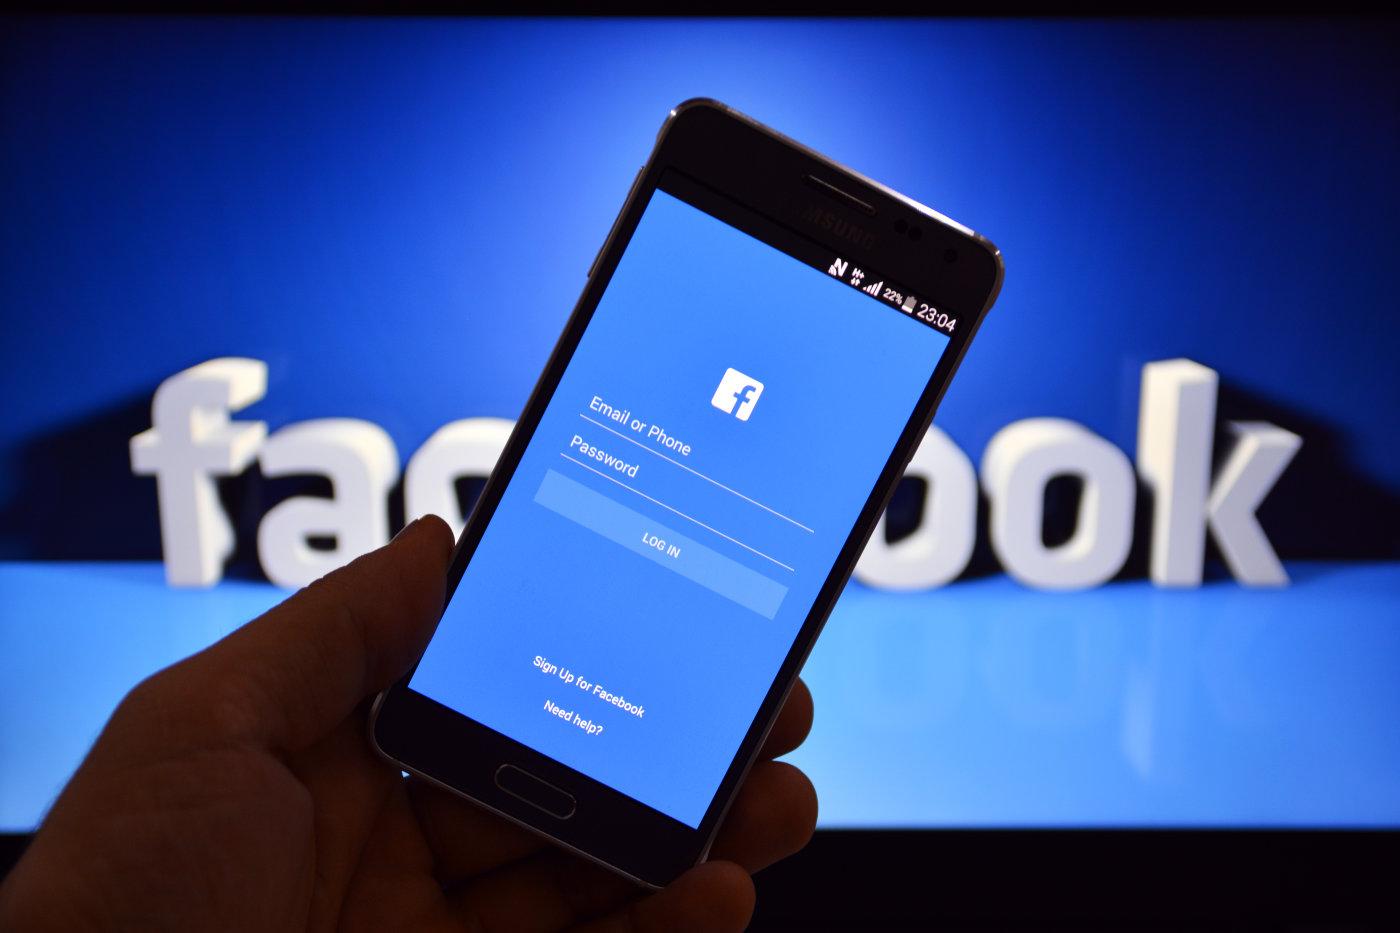 Facebook vô hiệu hóa hơn 14.000 tài khoản trong vòng 1 tháng vì liên quan tống tiền / trả thù bằng hình ảnh khiêu dâm, tình dục